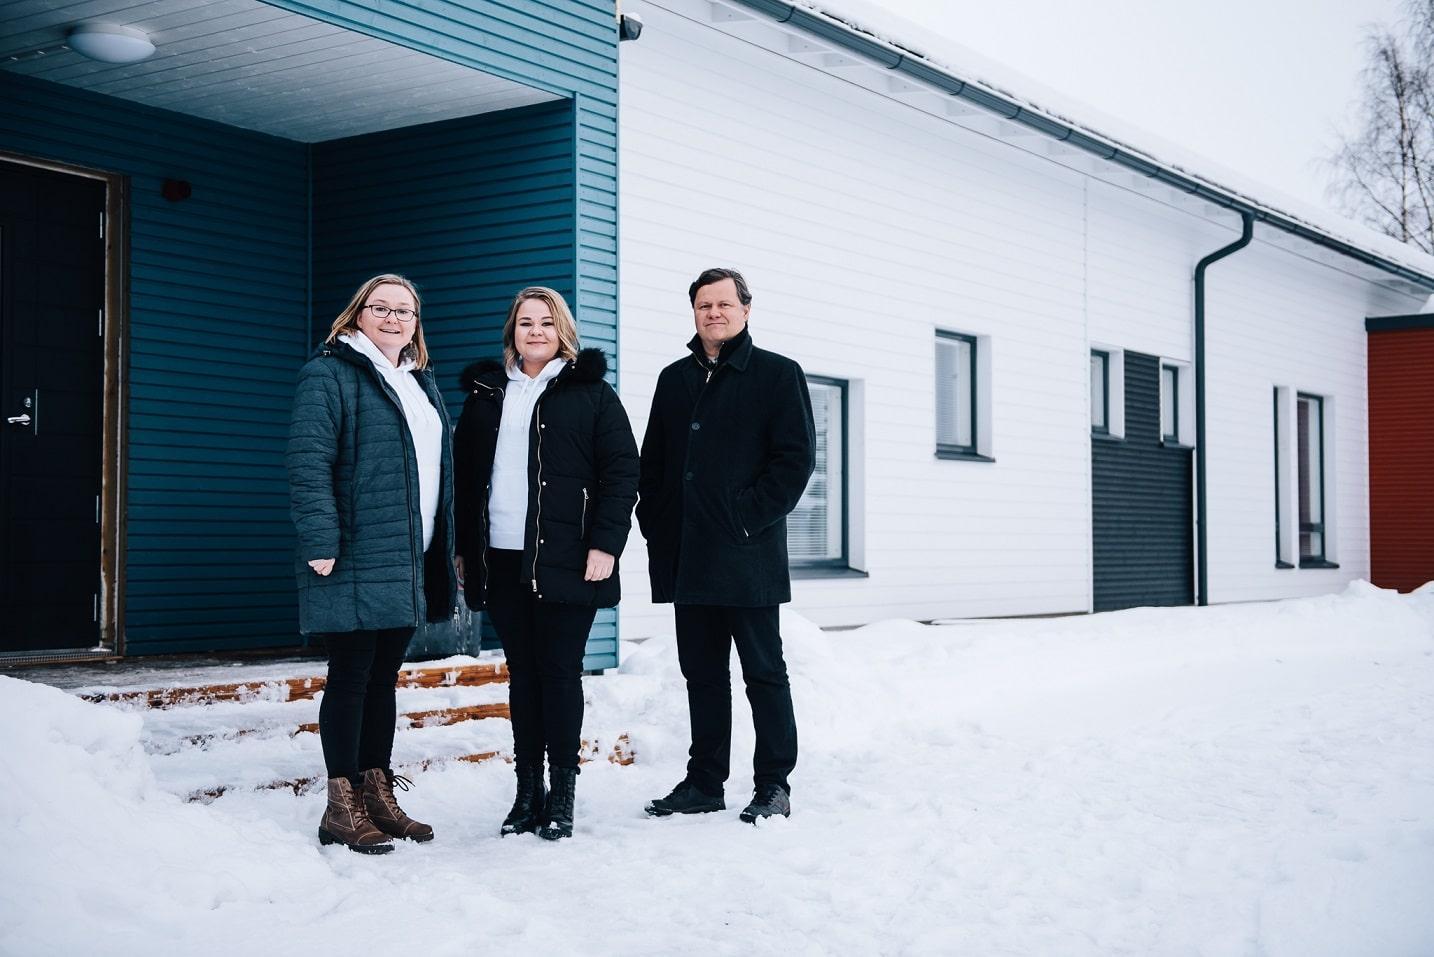 Minna Muona-Annamaria Heikkinen - Juha Parkkisenniemi- Kuopio_1